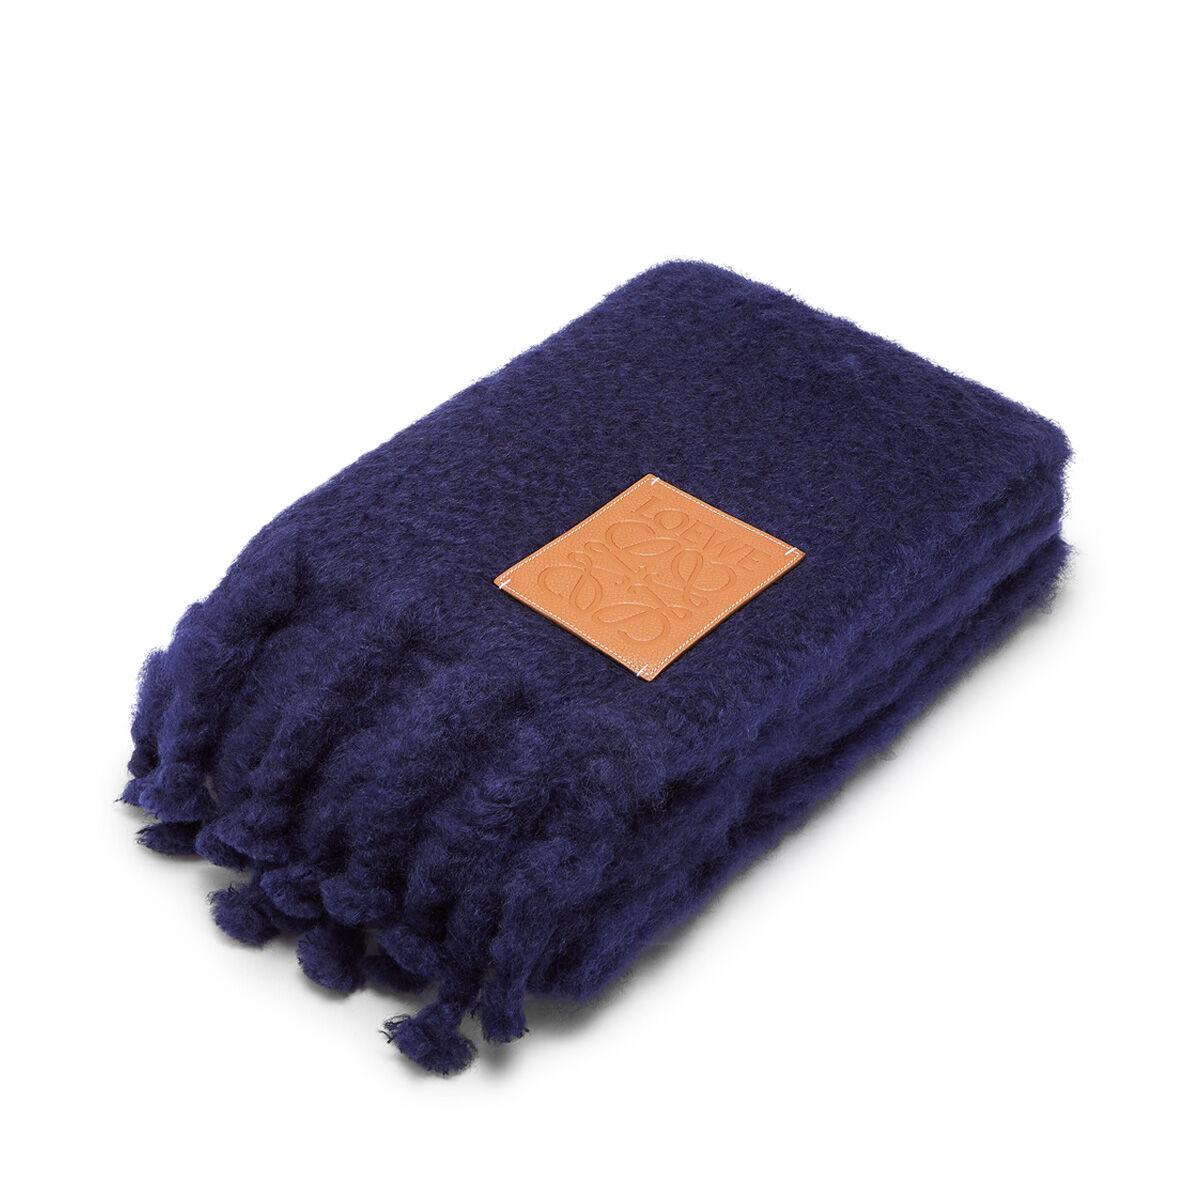 LOEWE 130X200 Blanket Loewe Patch 海军蓝 all